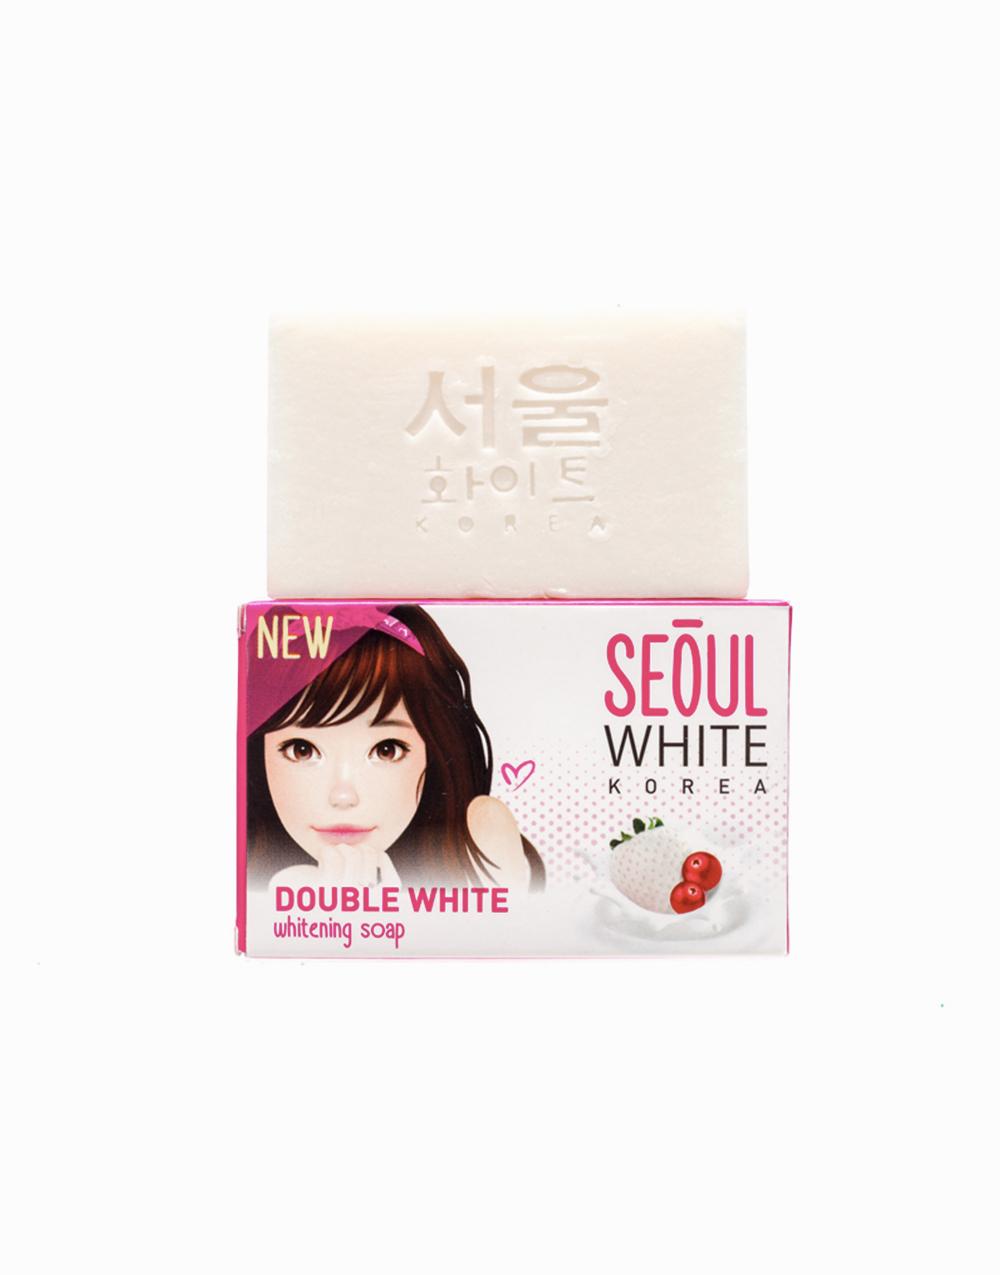 Double White Whitening Soap (60g) by Seoul White Korea